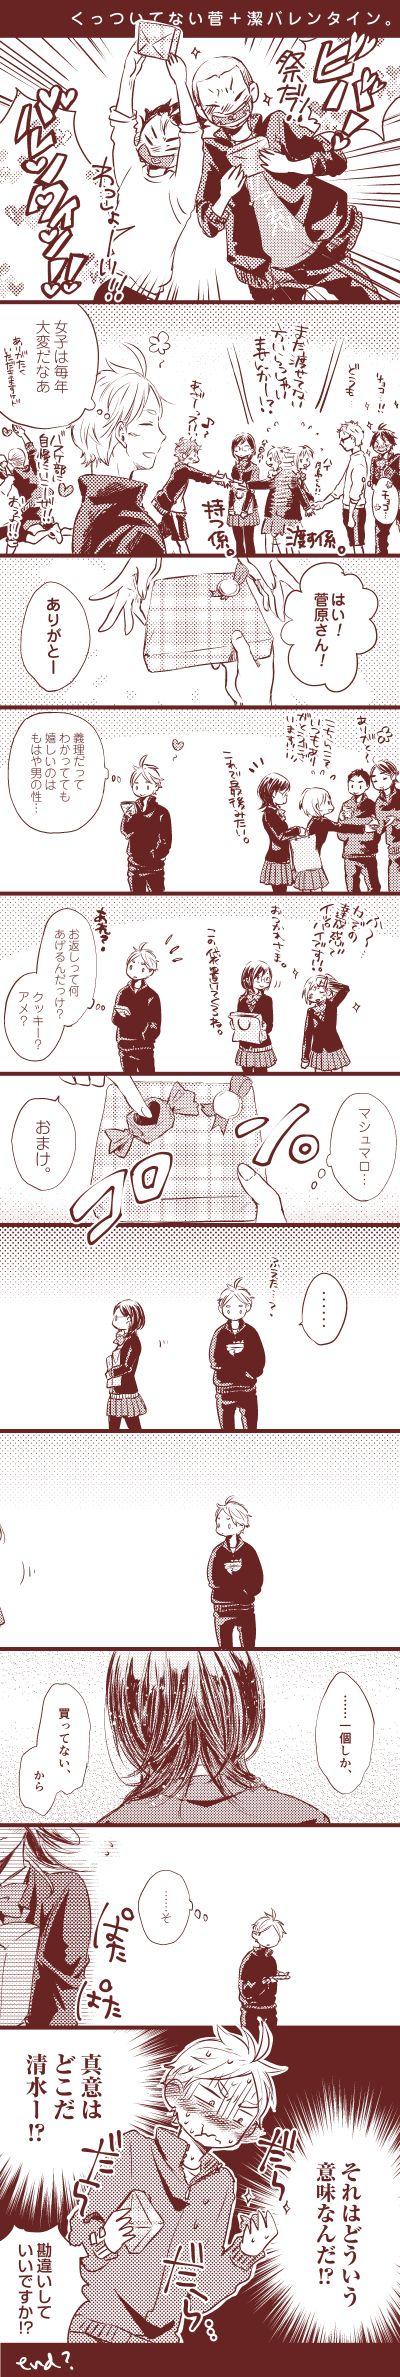 Haikyuu Karasuno